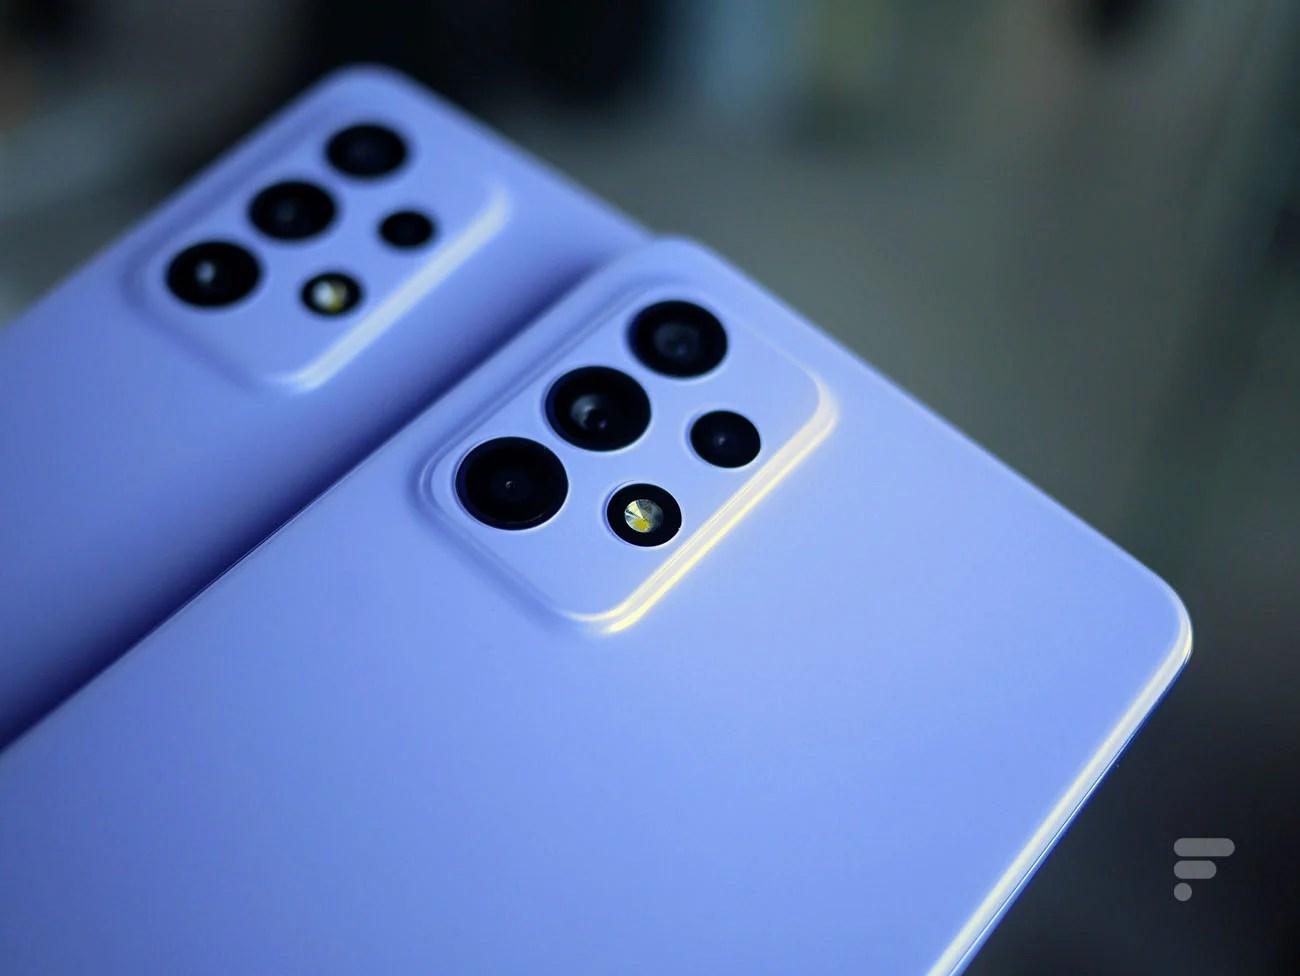 Galaxy Note 21 peu probable, caractéristiques de la OnePlus Watch et annonce des Galaxy A52 et A72 – Tech'spresso